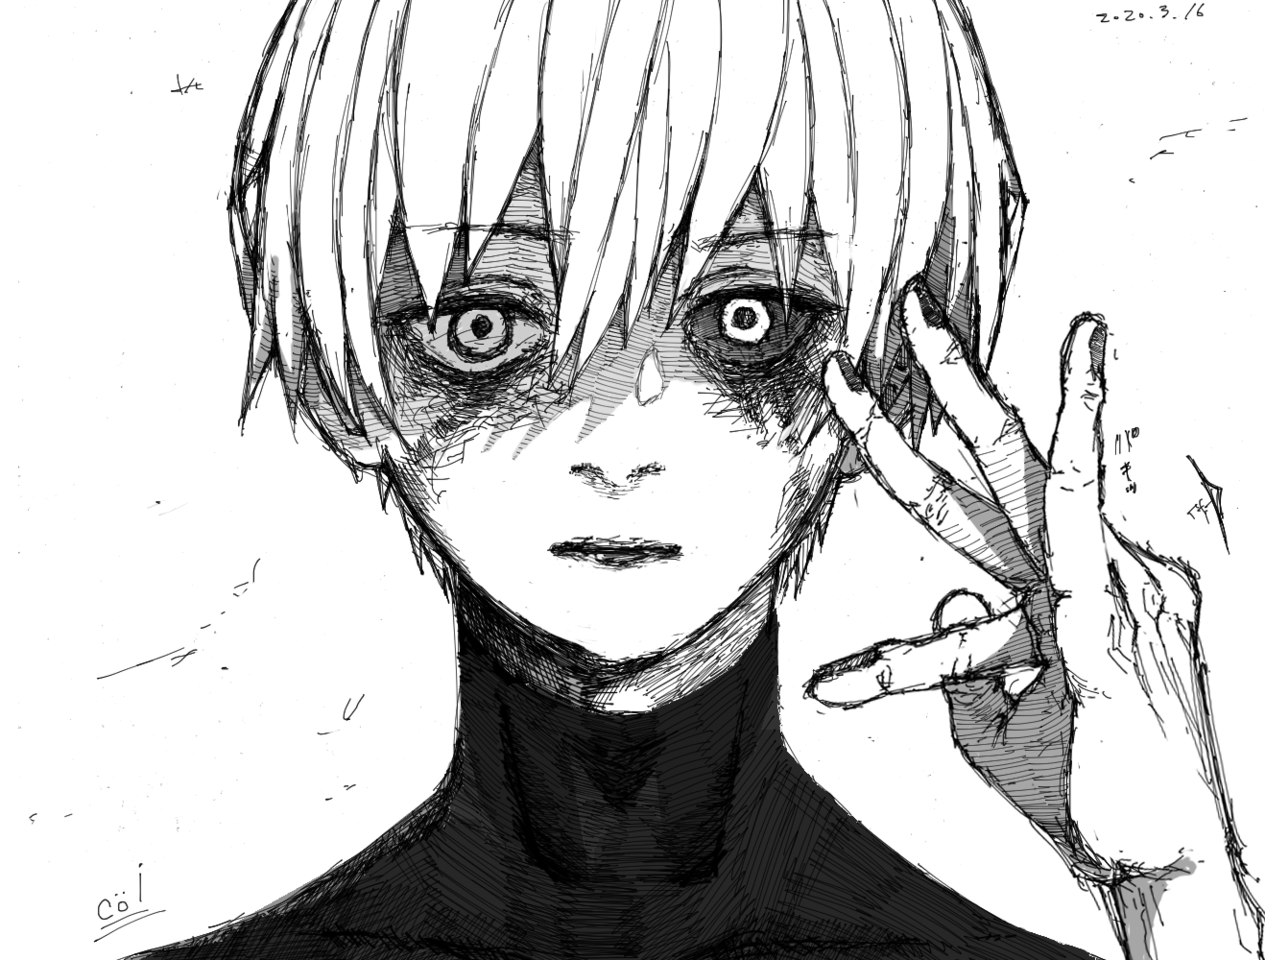 「東京喰種」カネキケン Illust of コイ ARTstreet_Ranking boy Comics カネキケン tokyo_ghoul